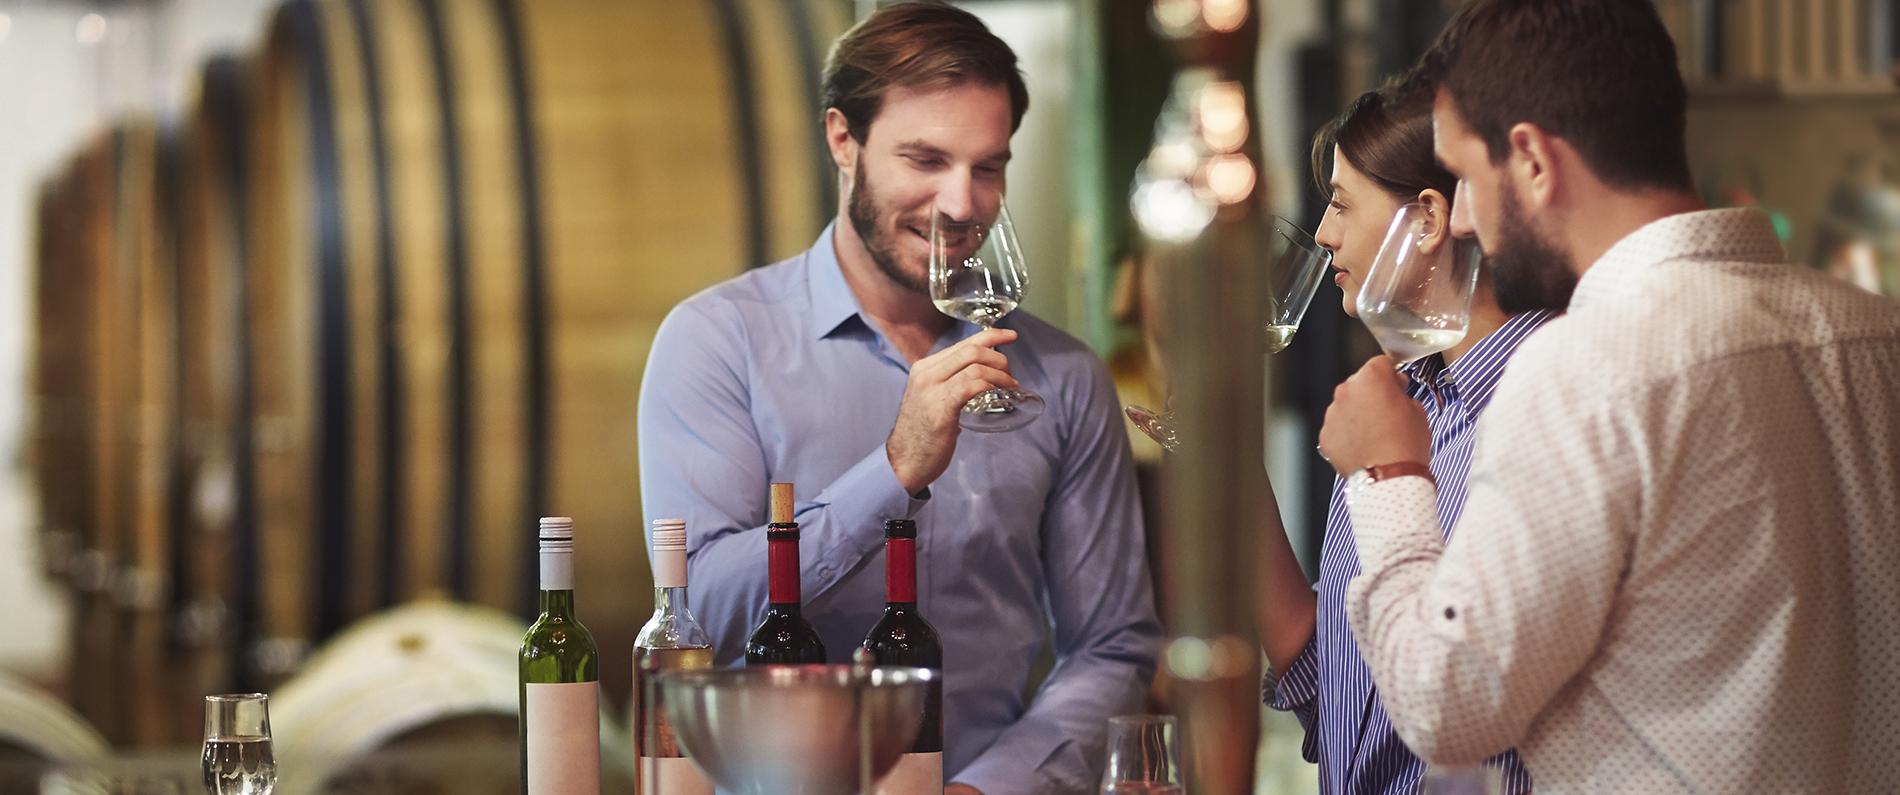 Agence événementielle Toulouse team building création vin